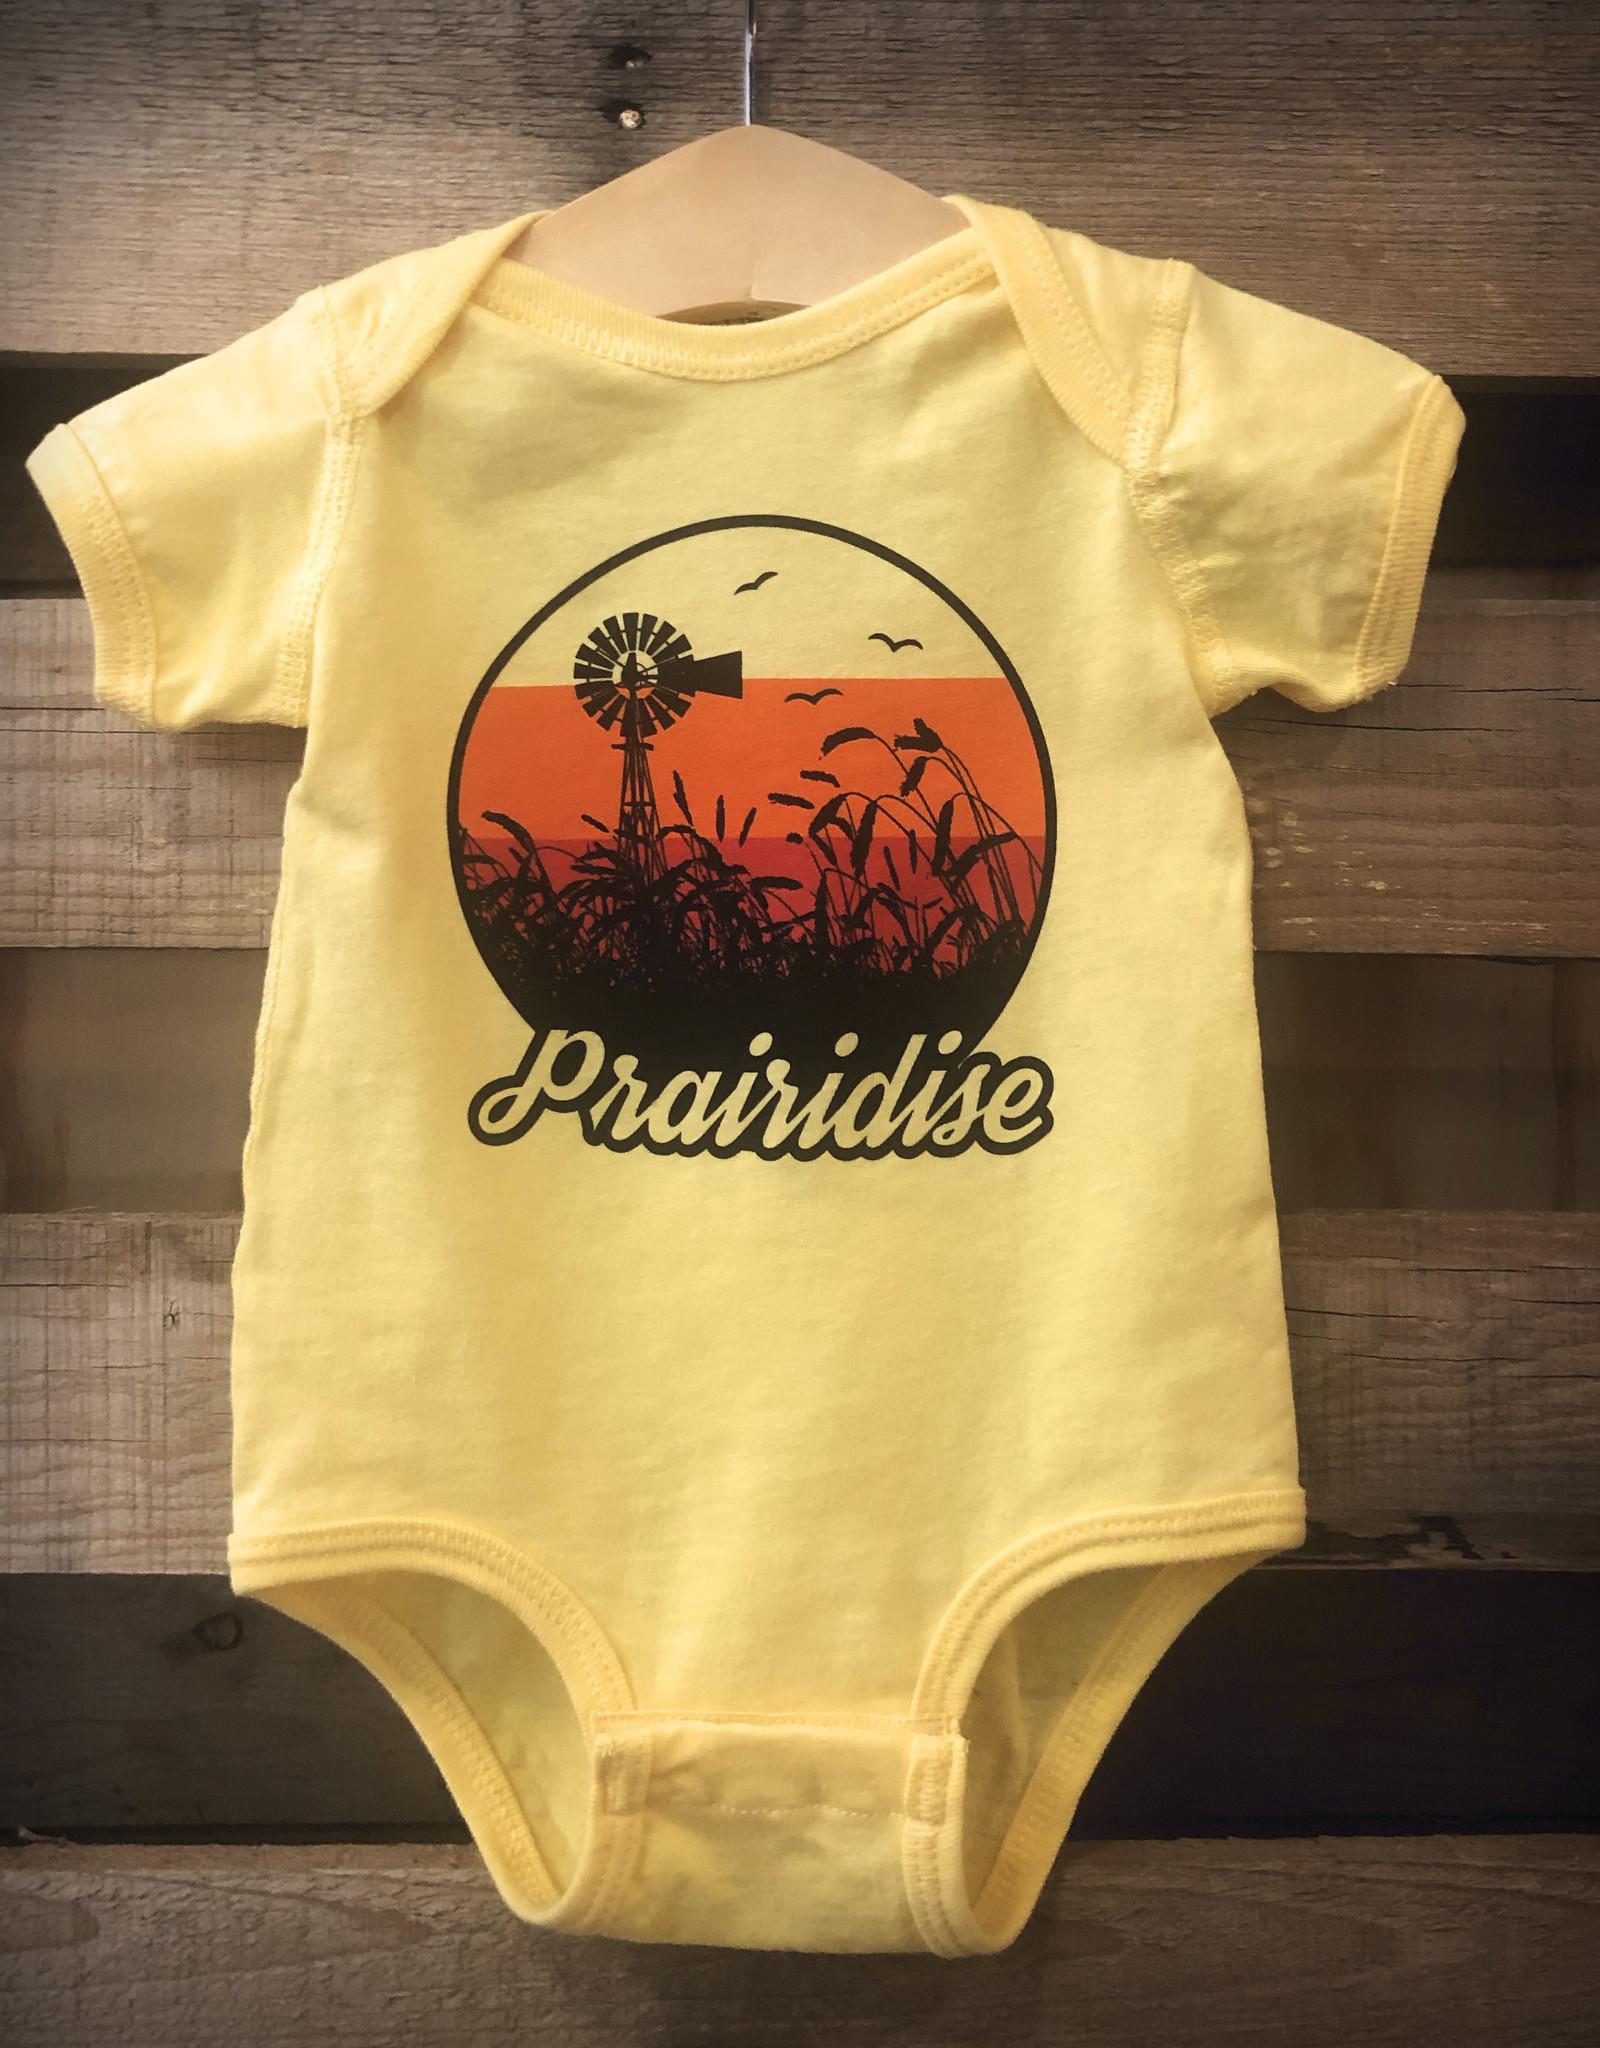 Prairidise Prairidise Baby Onesie